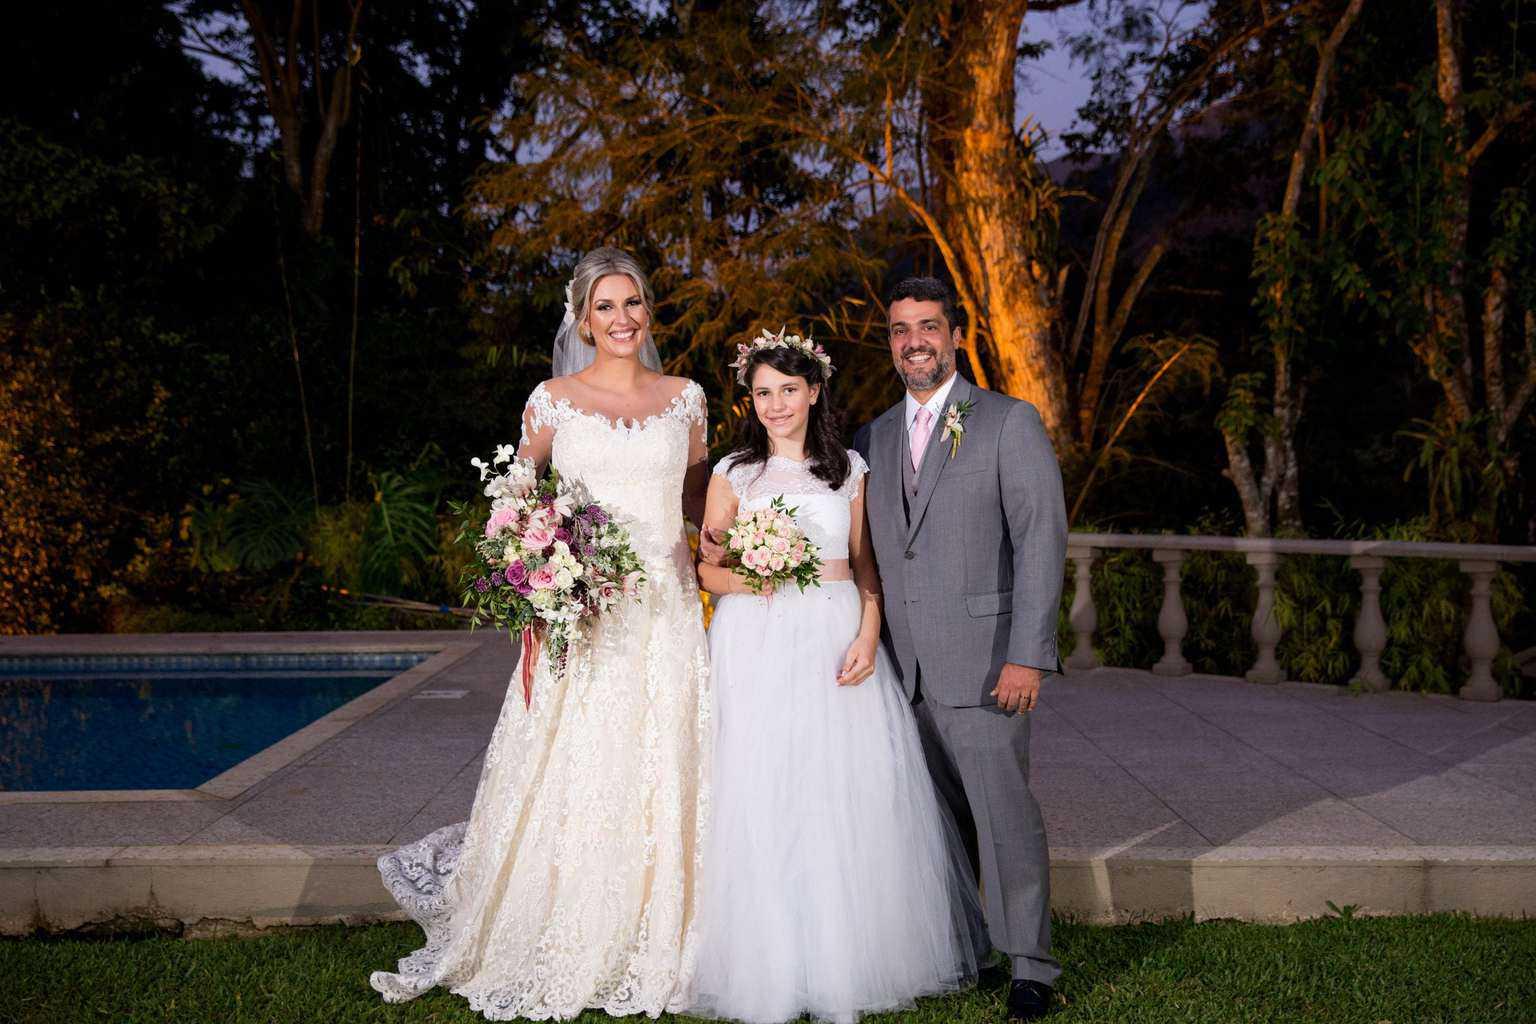 Andrea-Kapps-casamento-de-dia-casamento-na-serra-casamento-romântico-casamento-tradicional-daminhas-Locanda-de-La-Mimosa-pajem-rosa-e-lilás-casamento-38